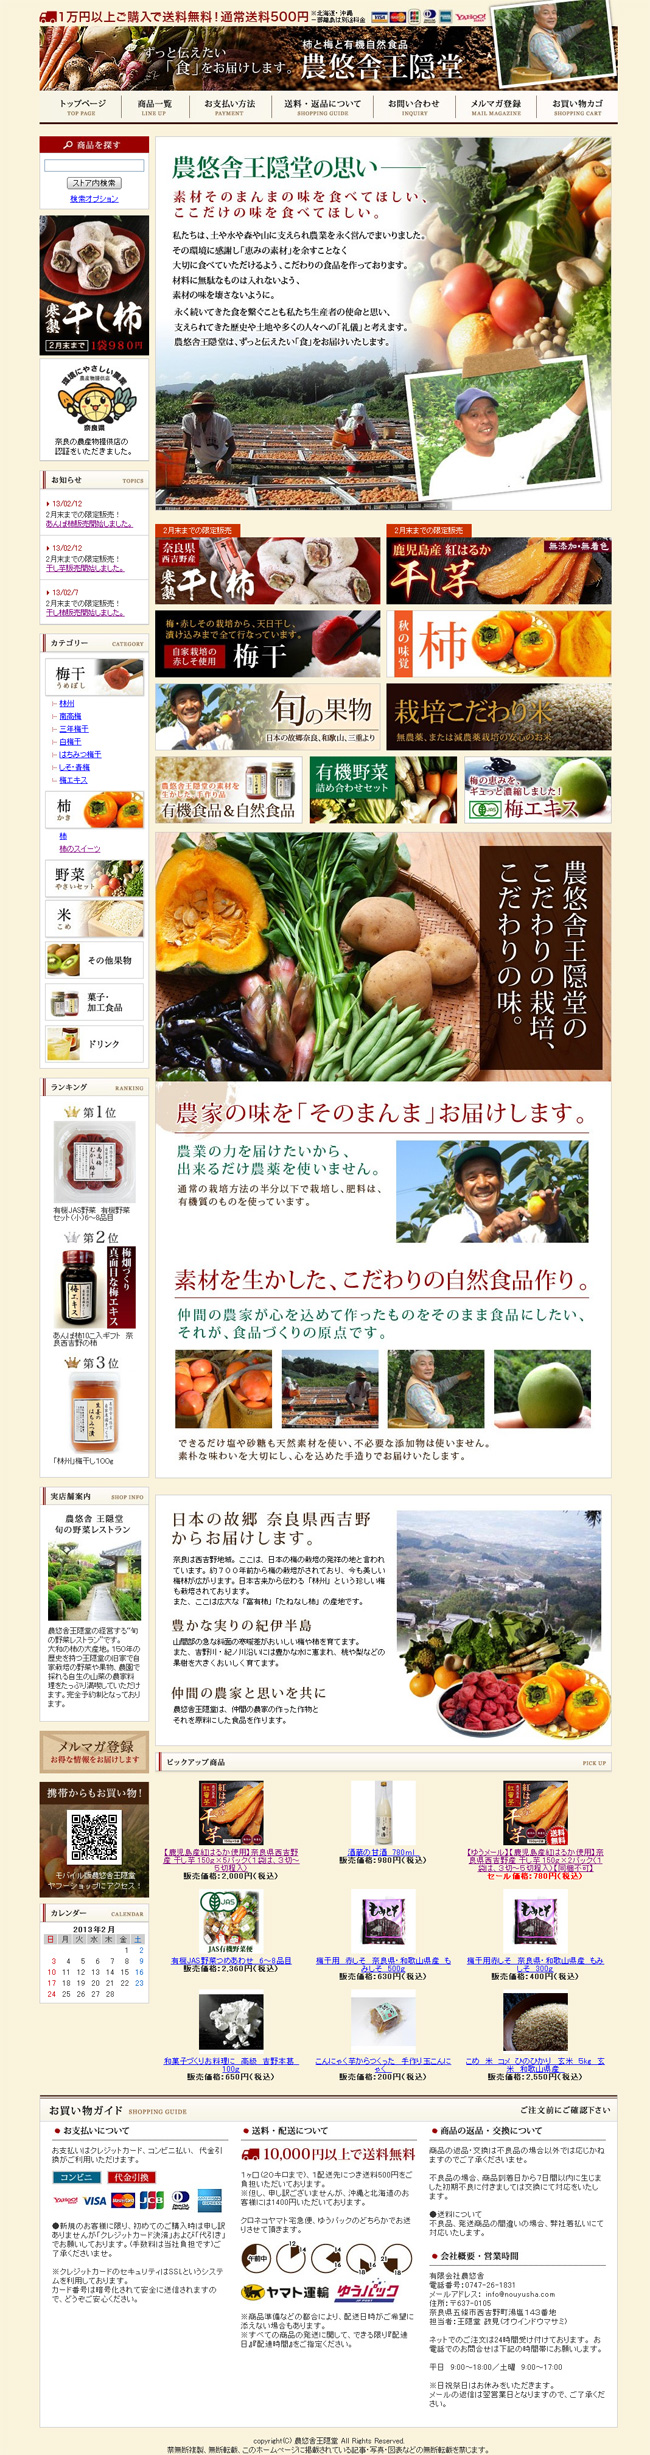 フルーツ・果物・野菜専門店